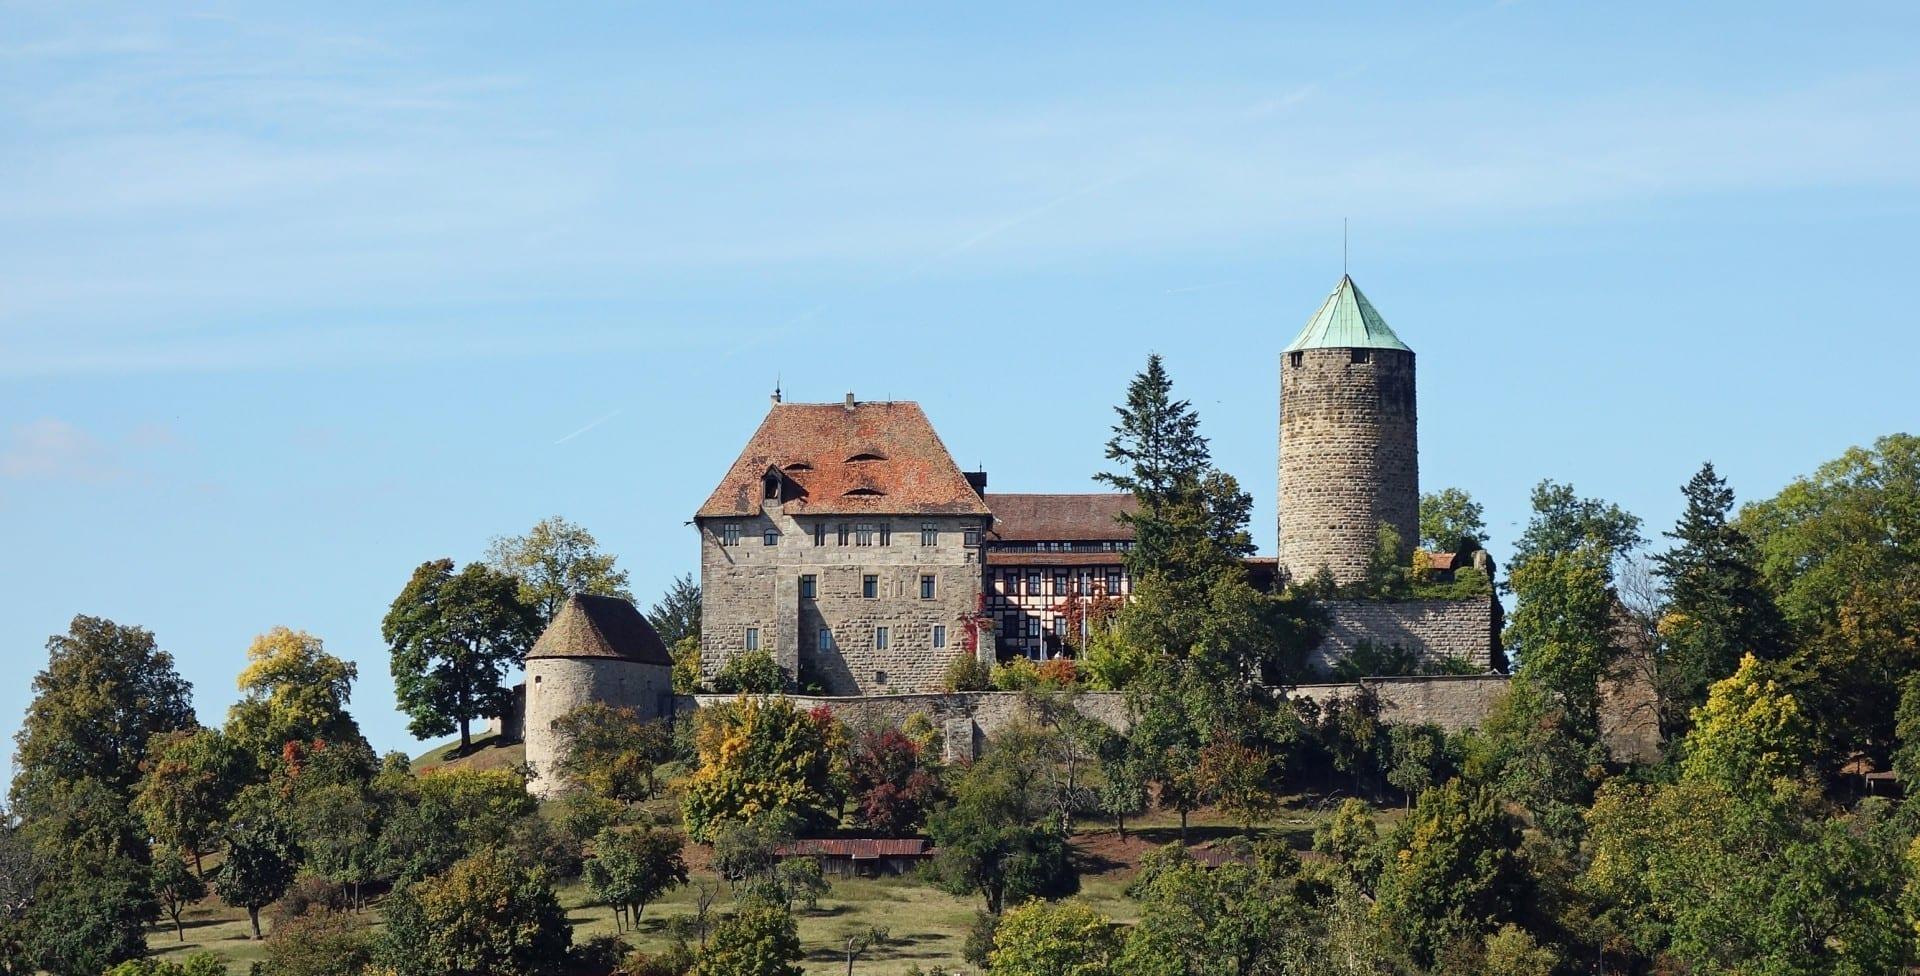 El castillo de Colmberg Ansbach Alemania